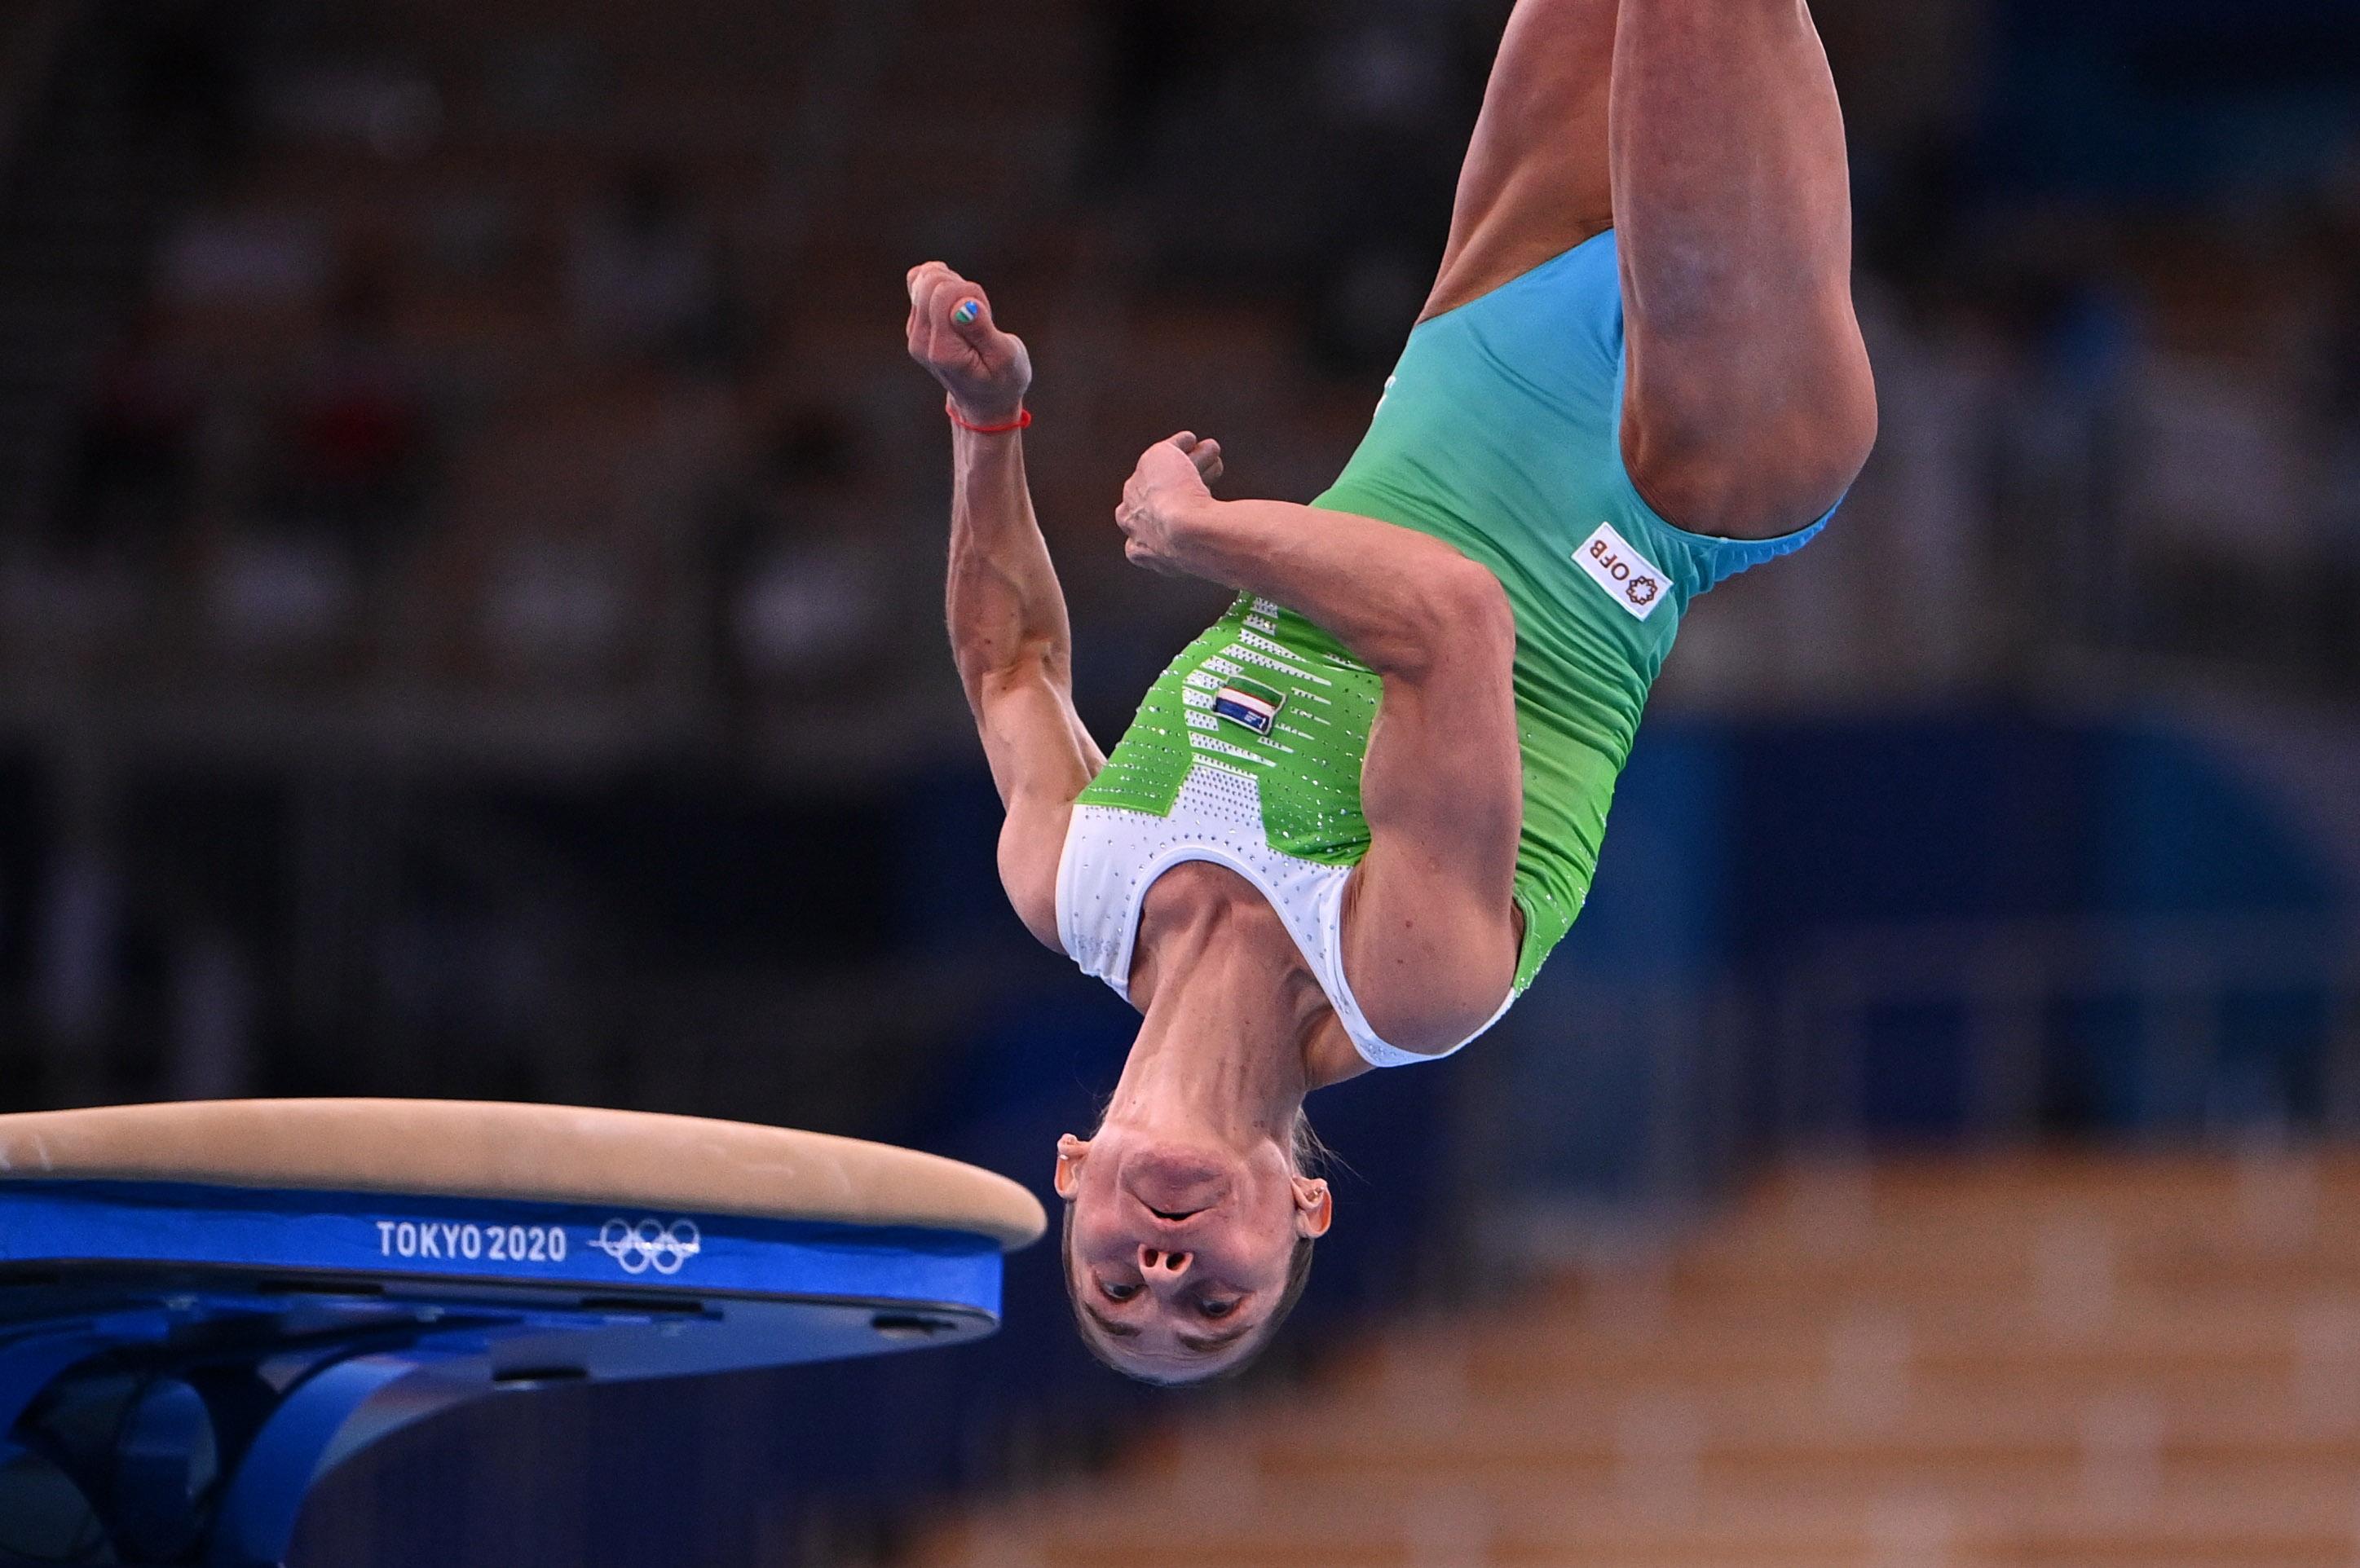 46歳の体操女子選手が五輪去る 92年金のチュソビチナ